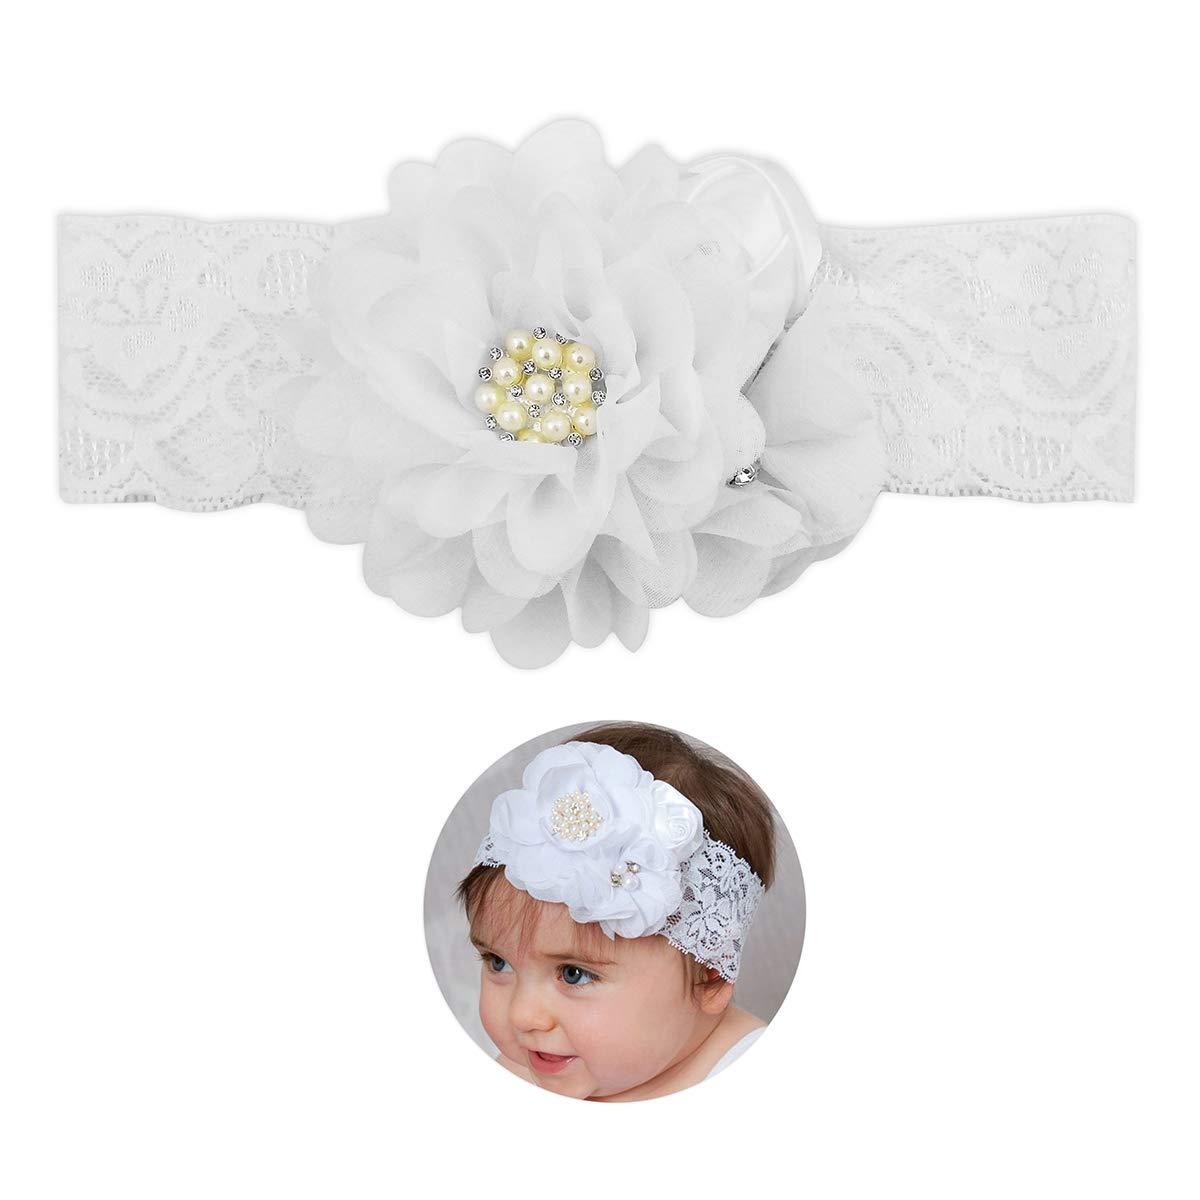 Baby Girl Ivory//Off White Christening Headband Baptism Wedding Lace Hairband Bow